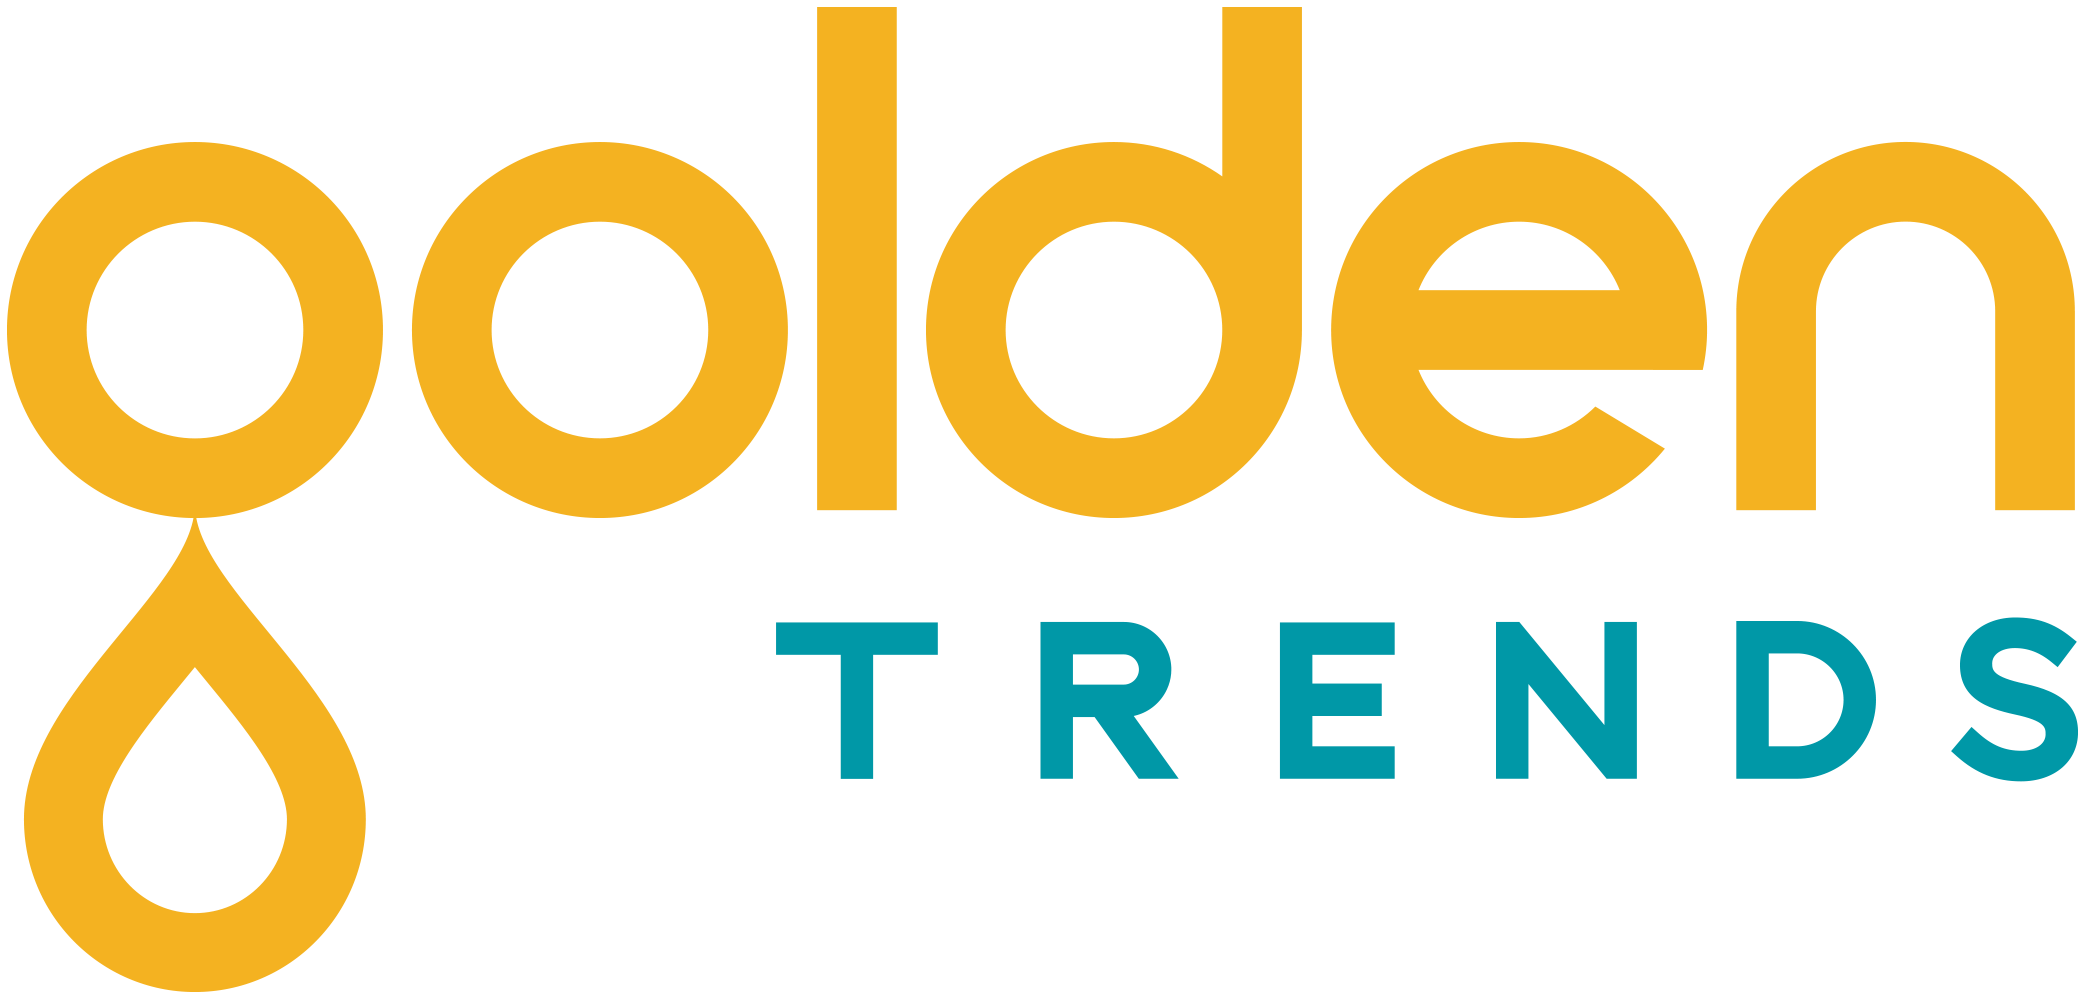 Golden Trends